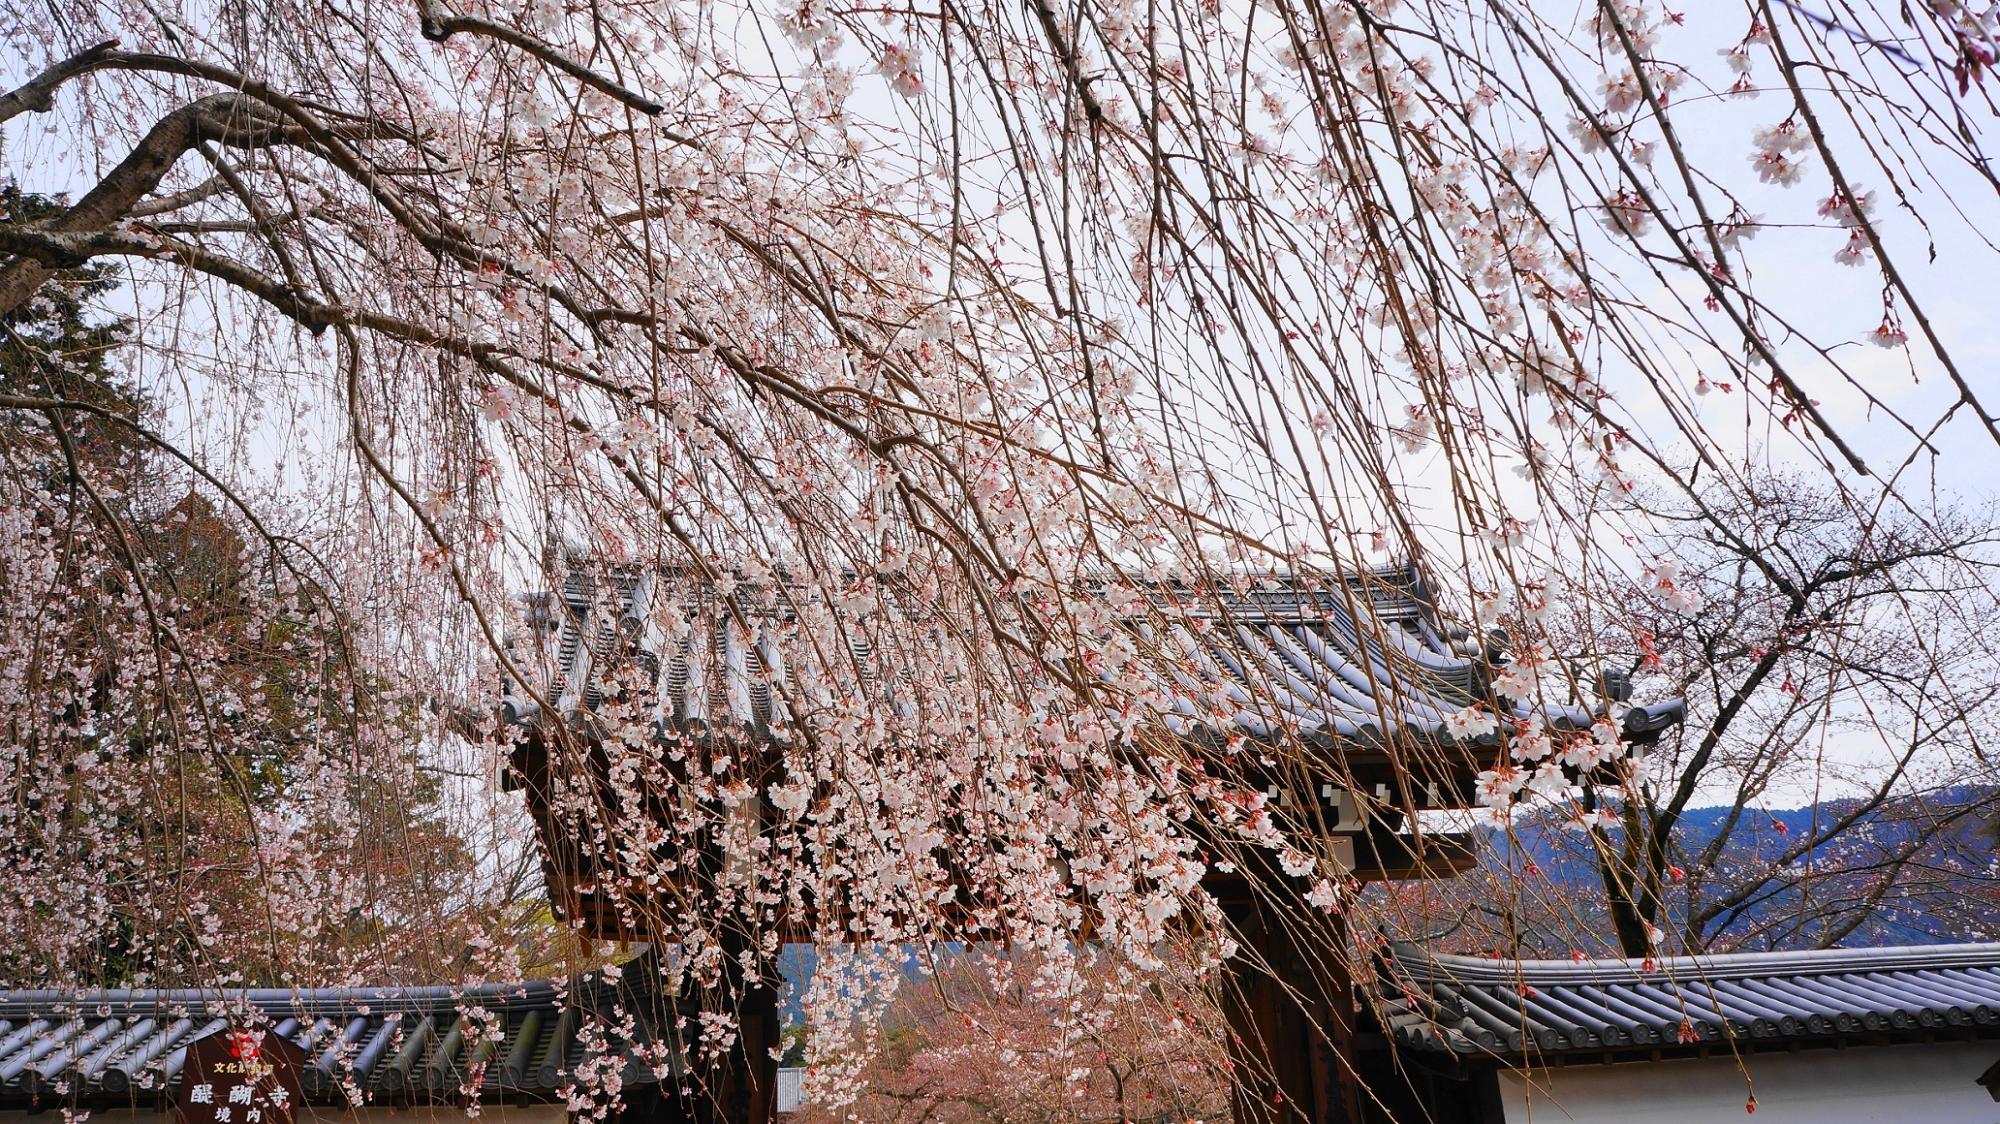 桜の名所の醍醐寺の総門の華やかな桜